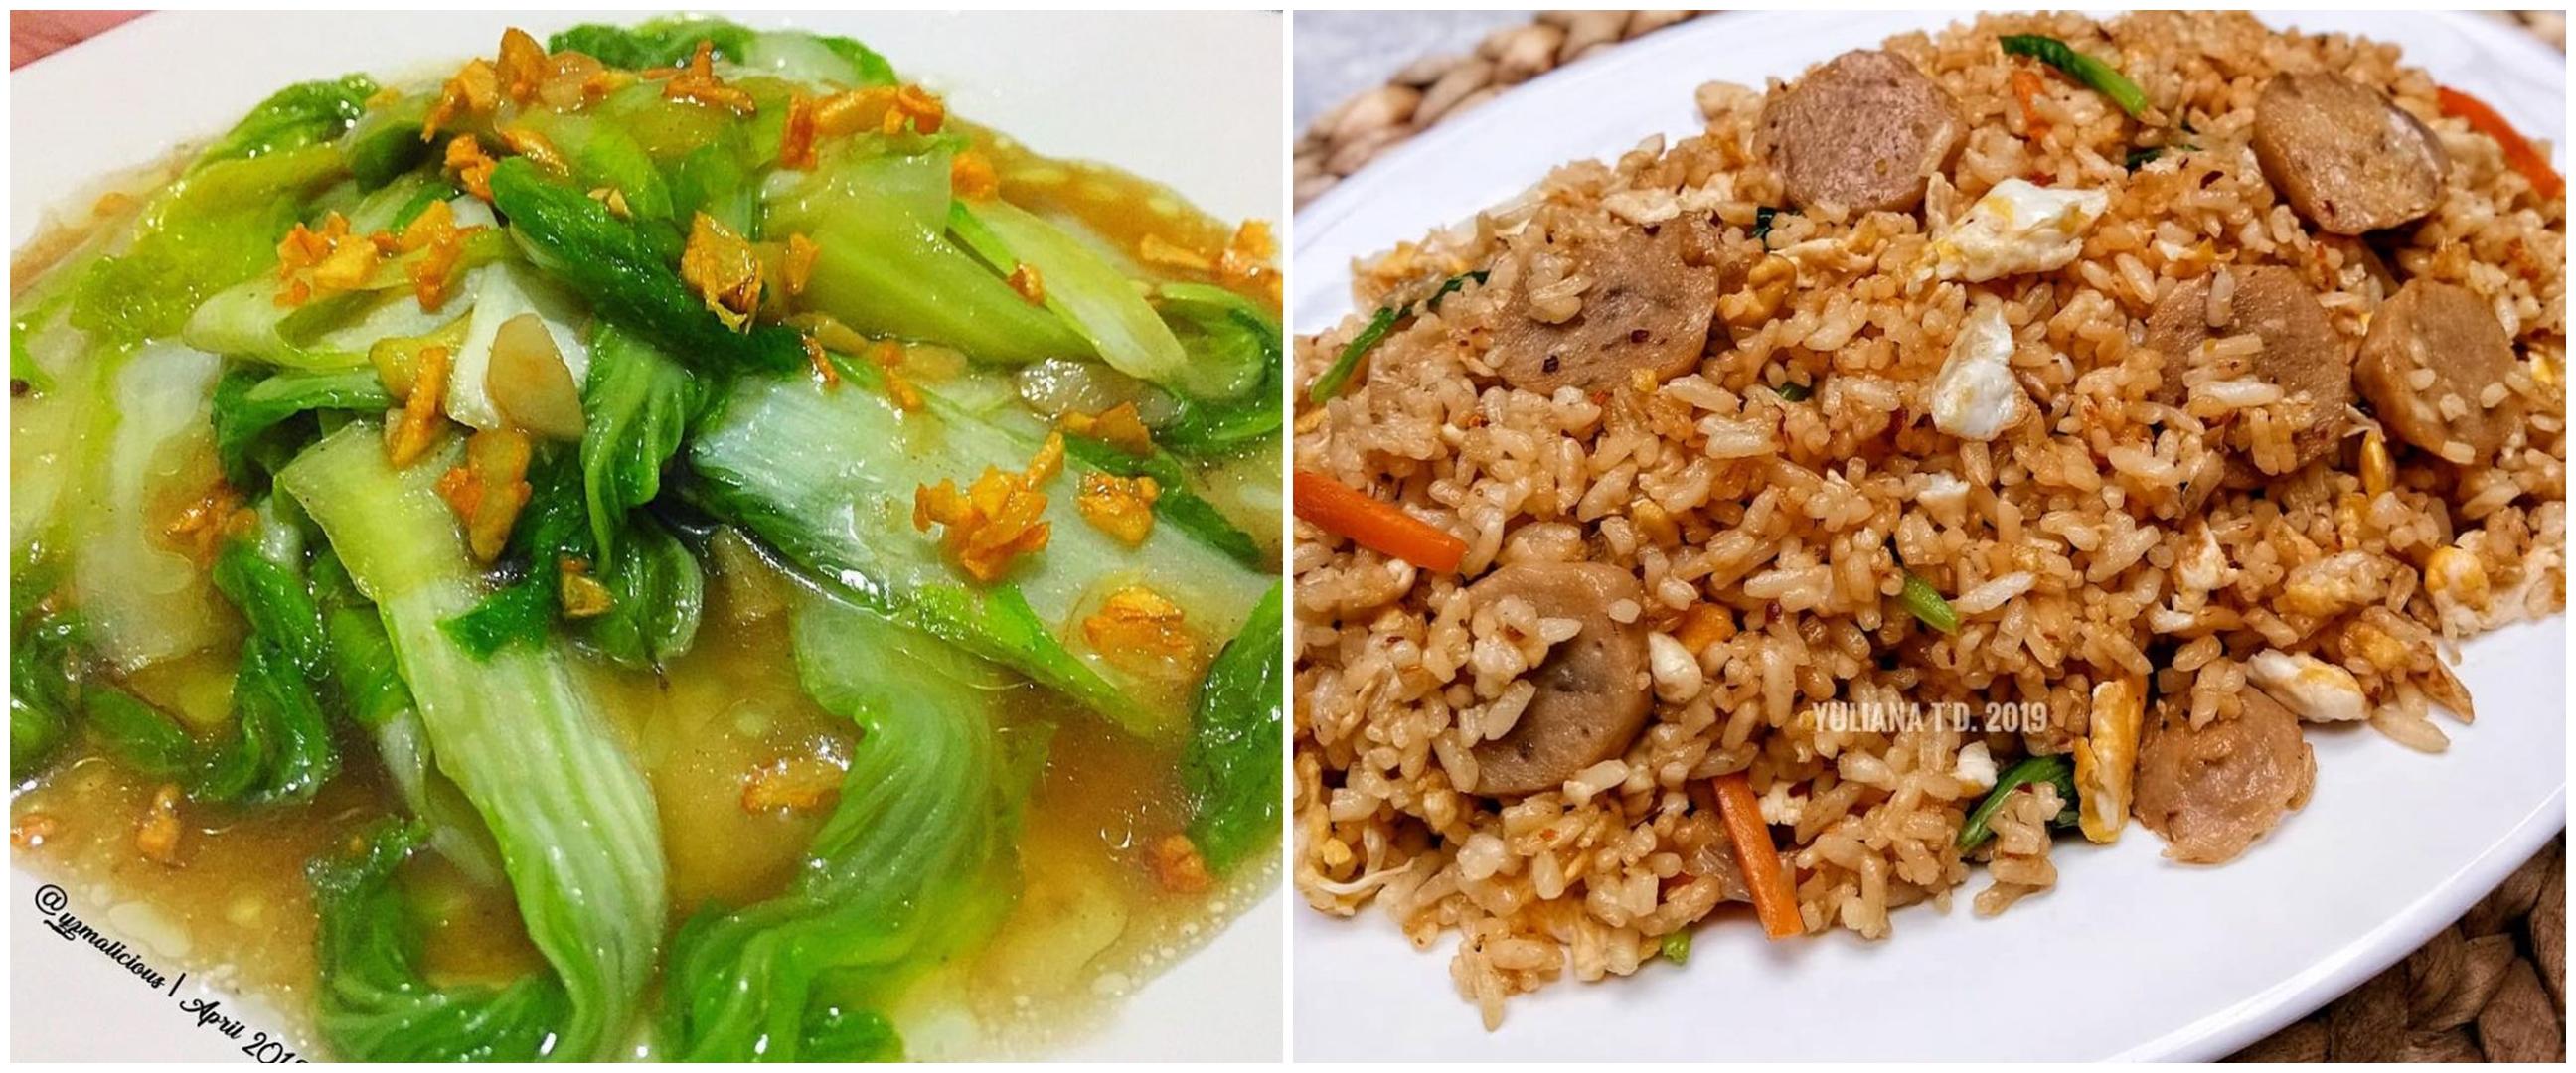 15 Resep menu sahur pertama di rumah, simpel dan nggak bikin repot